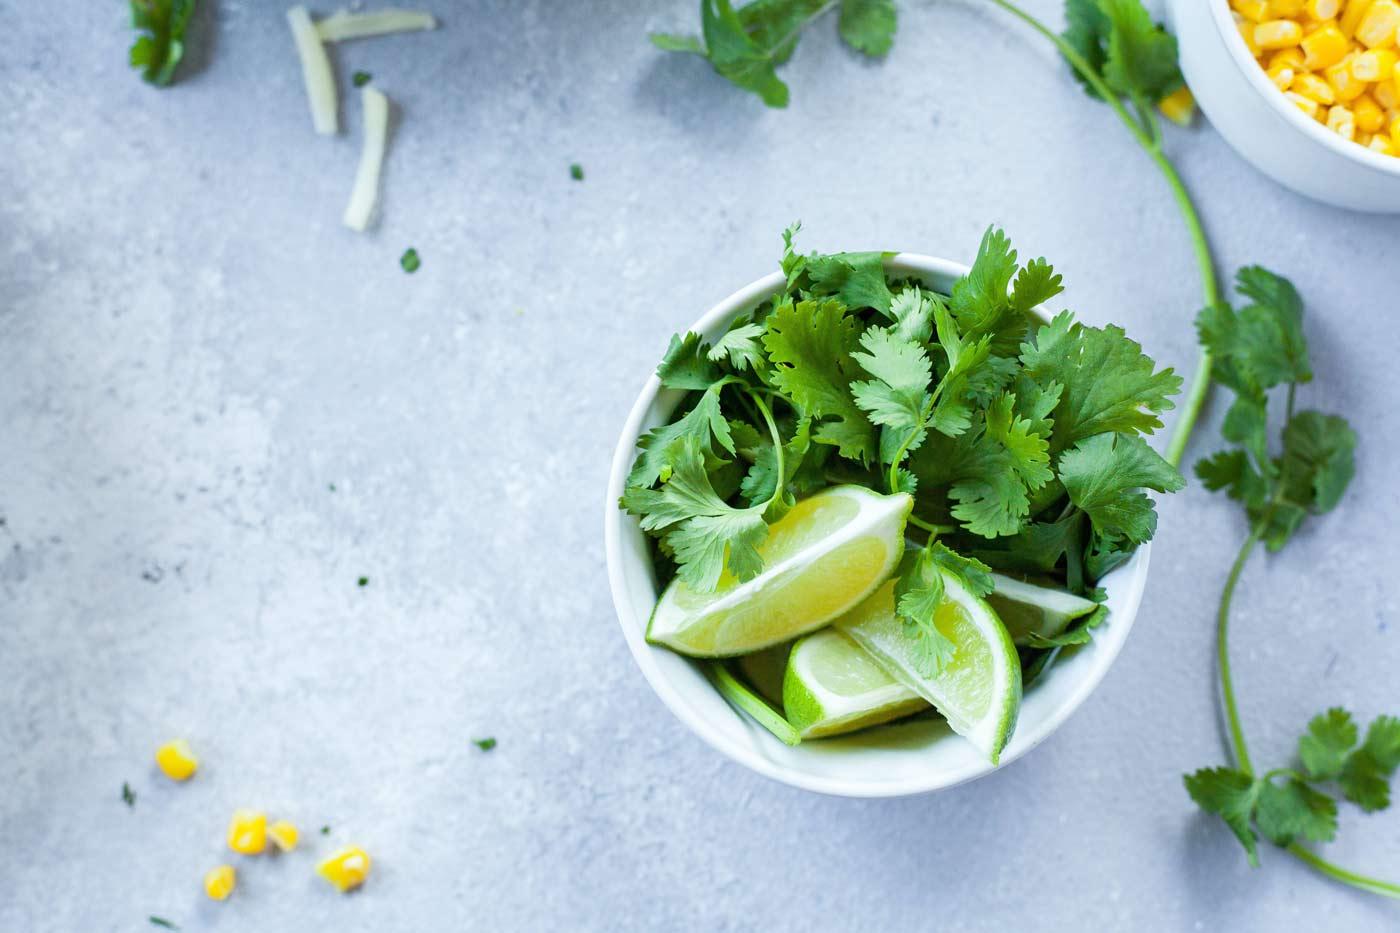 zioła i przyprawy, pietruszka z cytryną posiadają sporą ilość witaminy C w swoim składzie